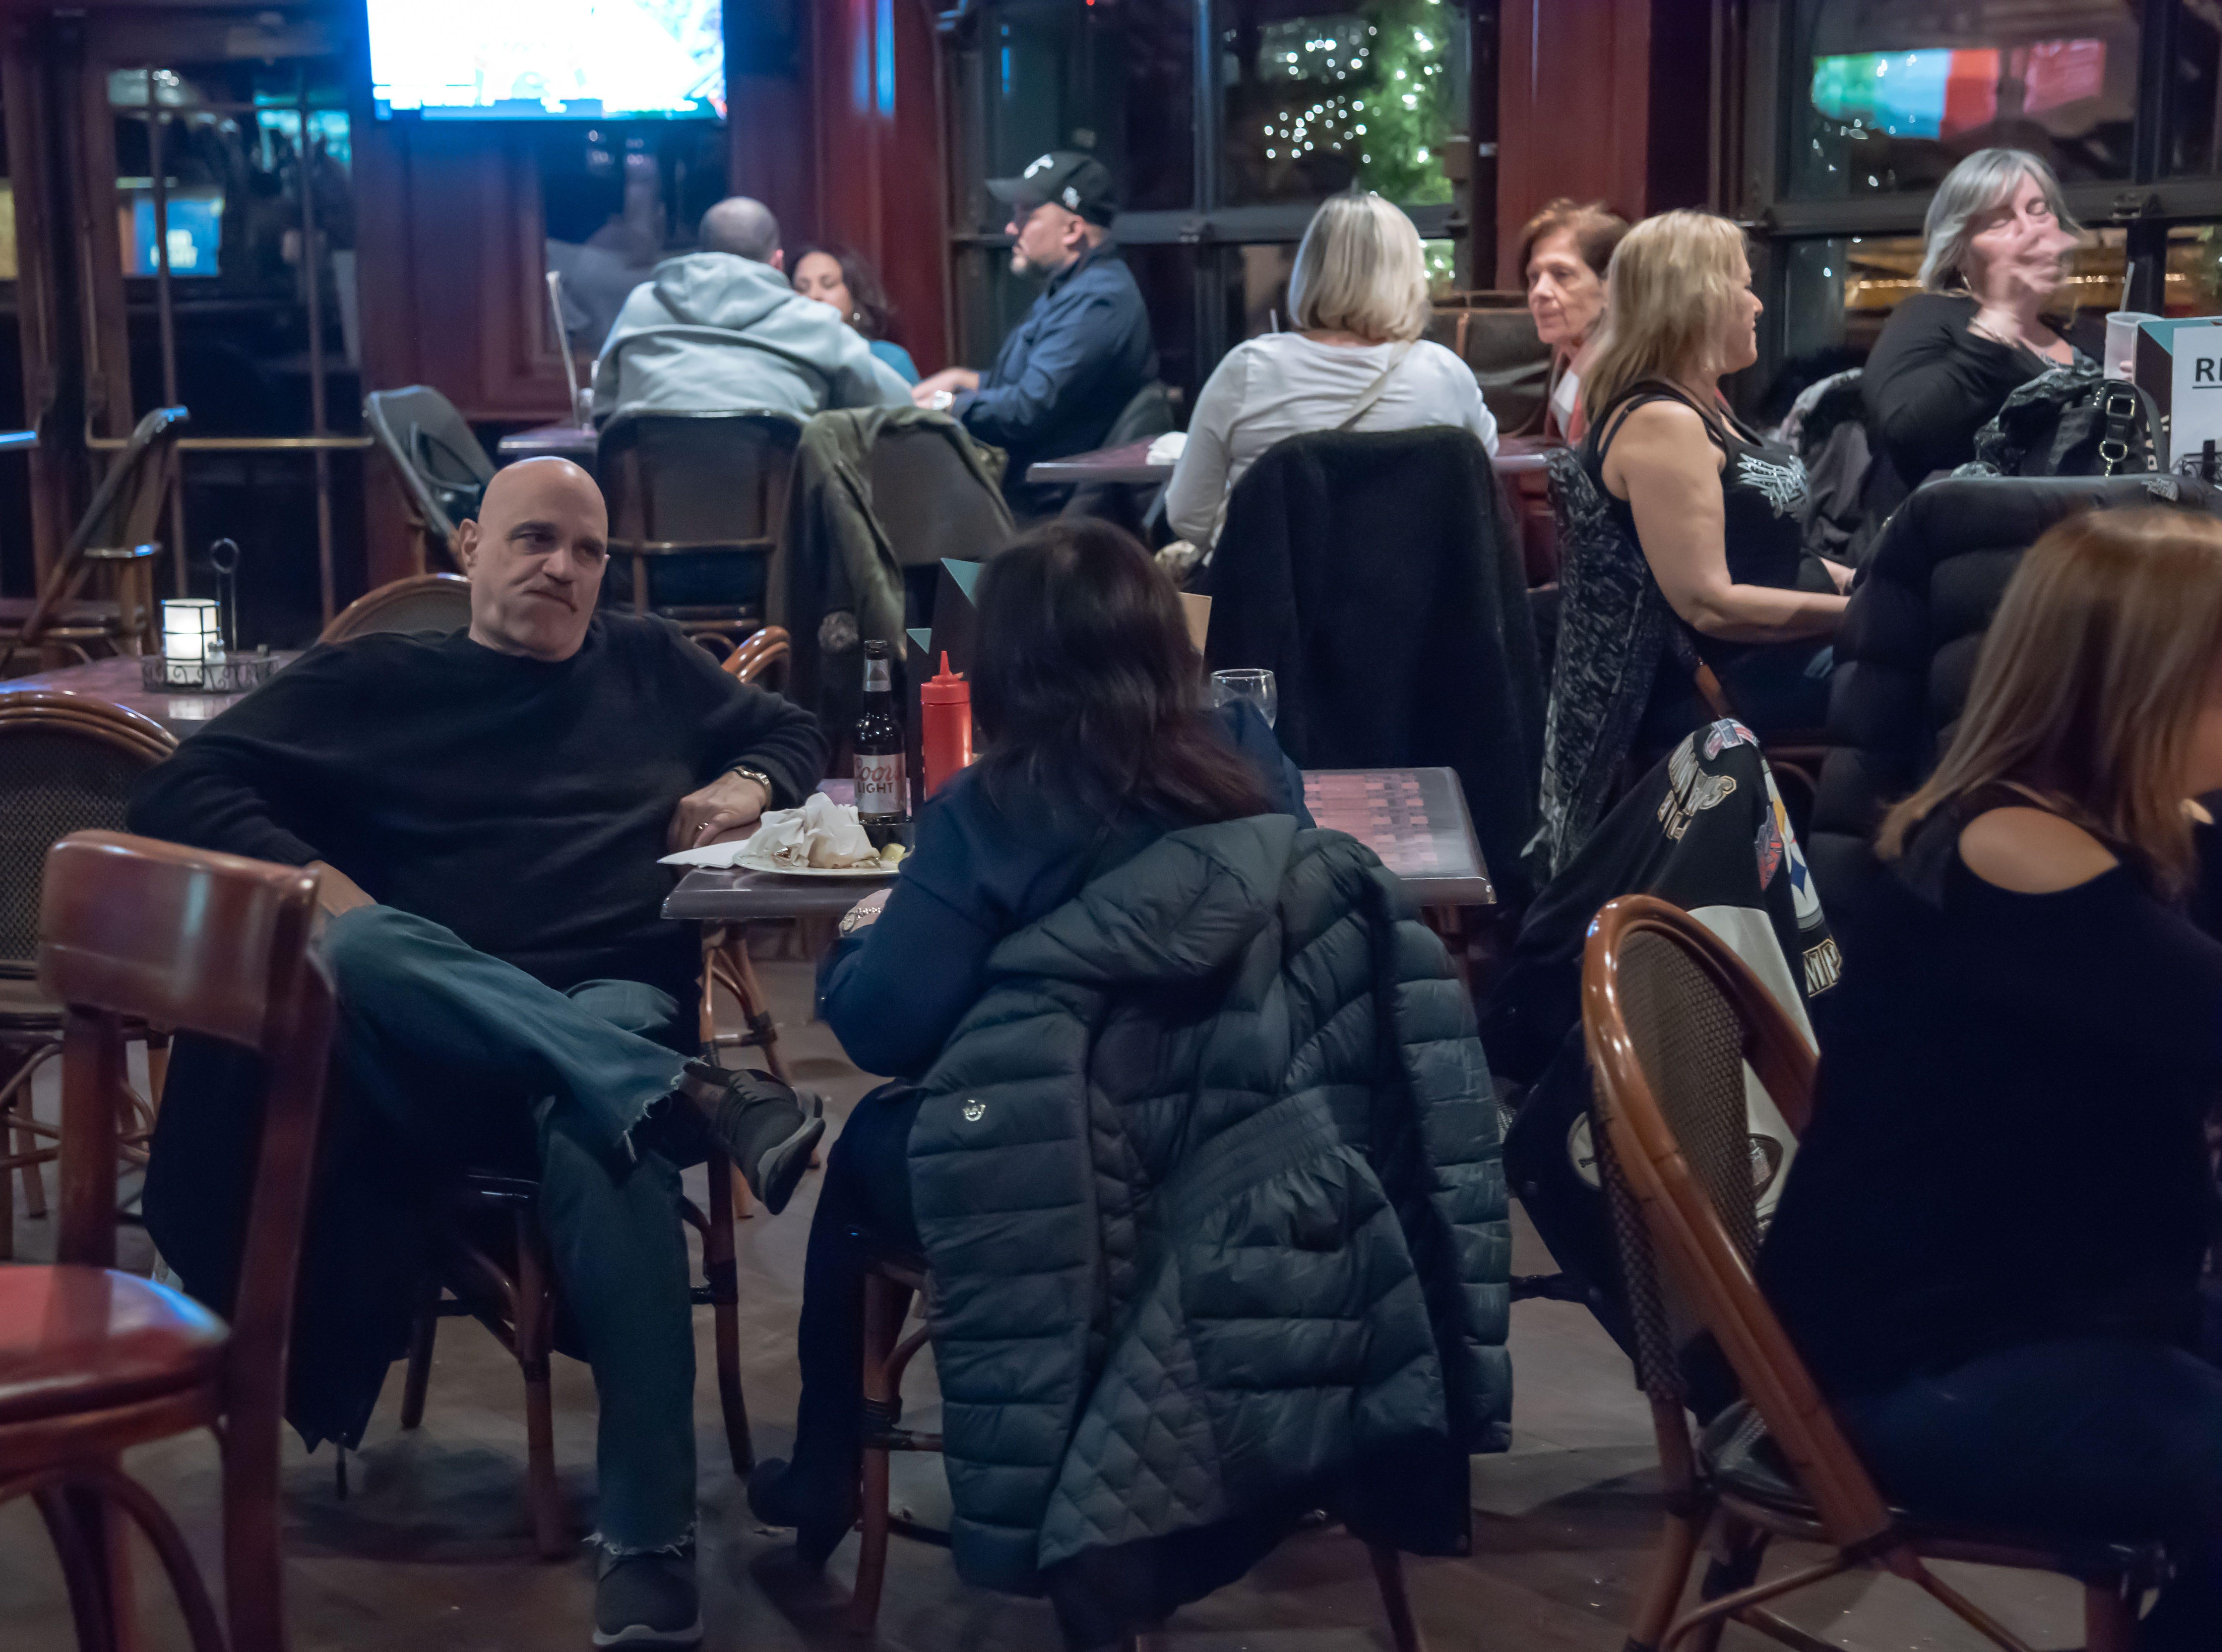 National Margarita Day at Bar Anticipation, Lake Como, Feb. 22, 2019.